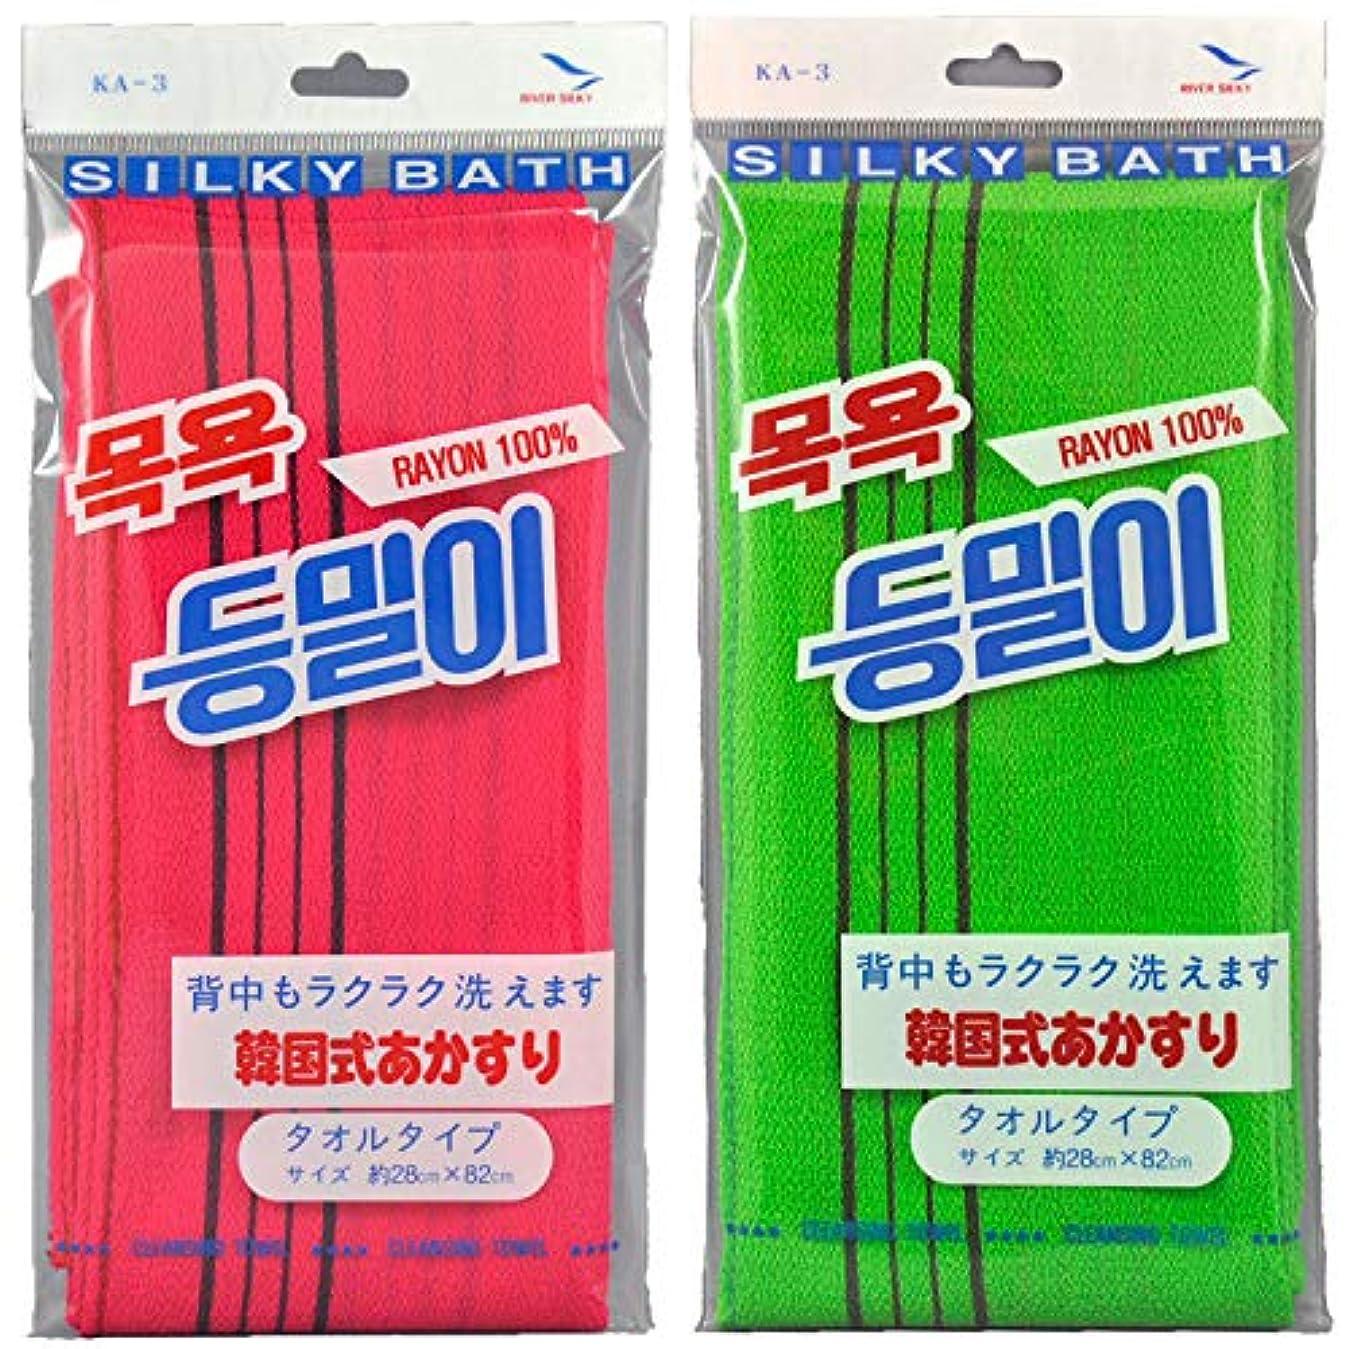 深めるホイップ再びキヌガワカンパニー ボディタオル グリーン/レッド - 韓国発 韓国式あかすり タオル 2色組 KA-3 2色入